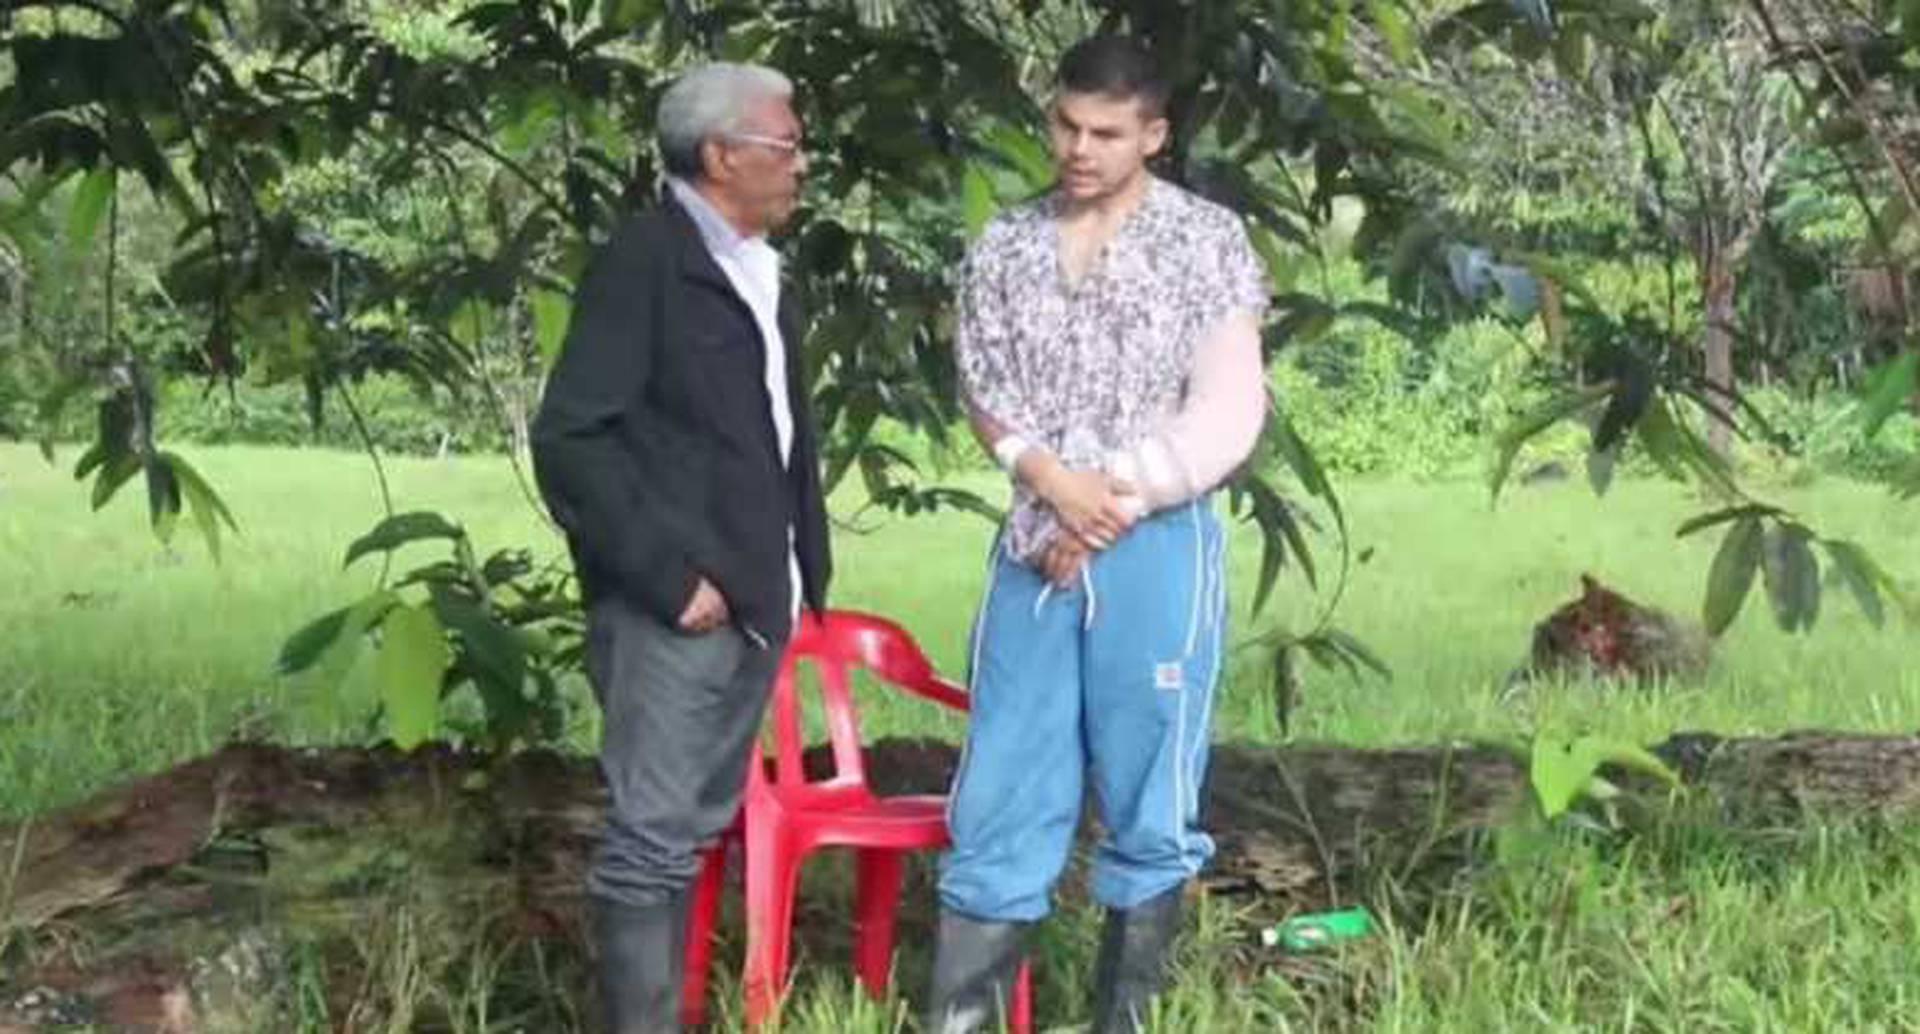 El subintendente Moscoso minutos antes de ser dejado en libertad por las FARC.